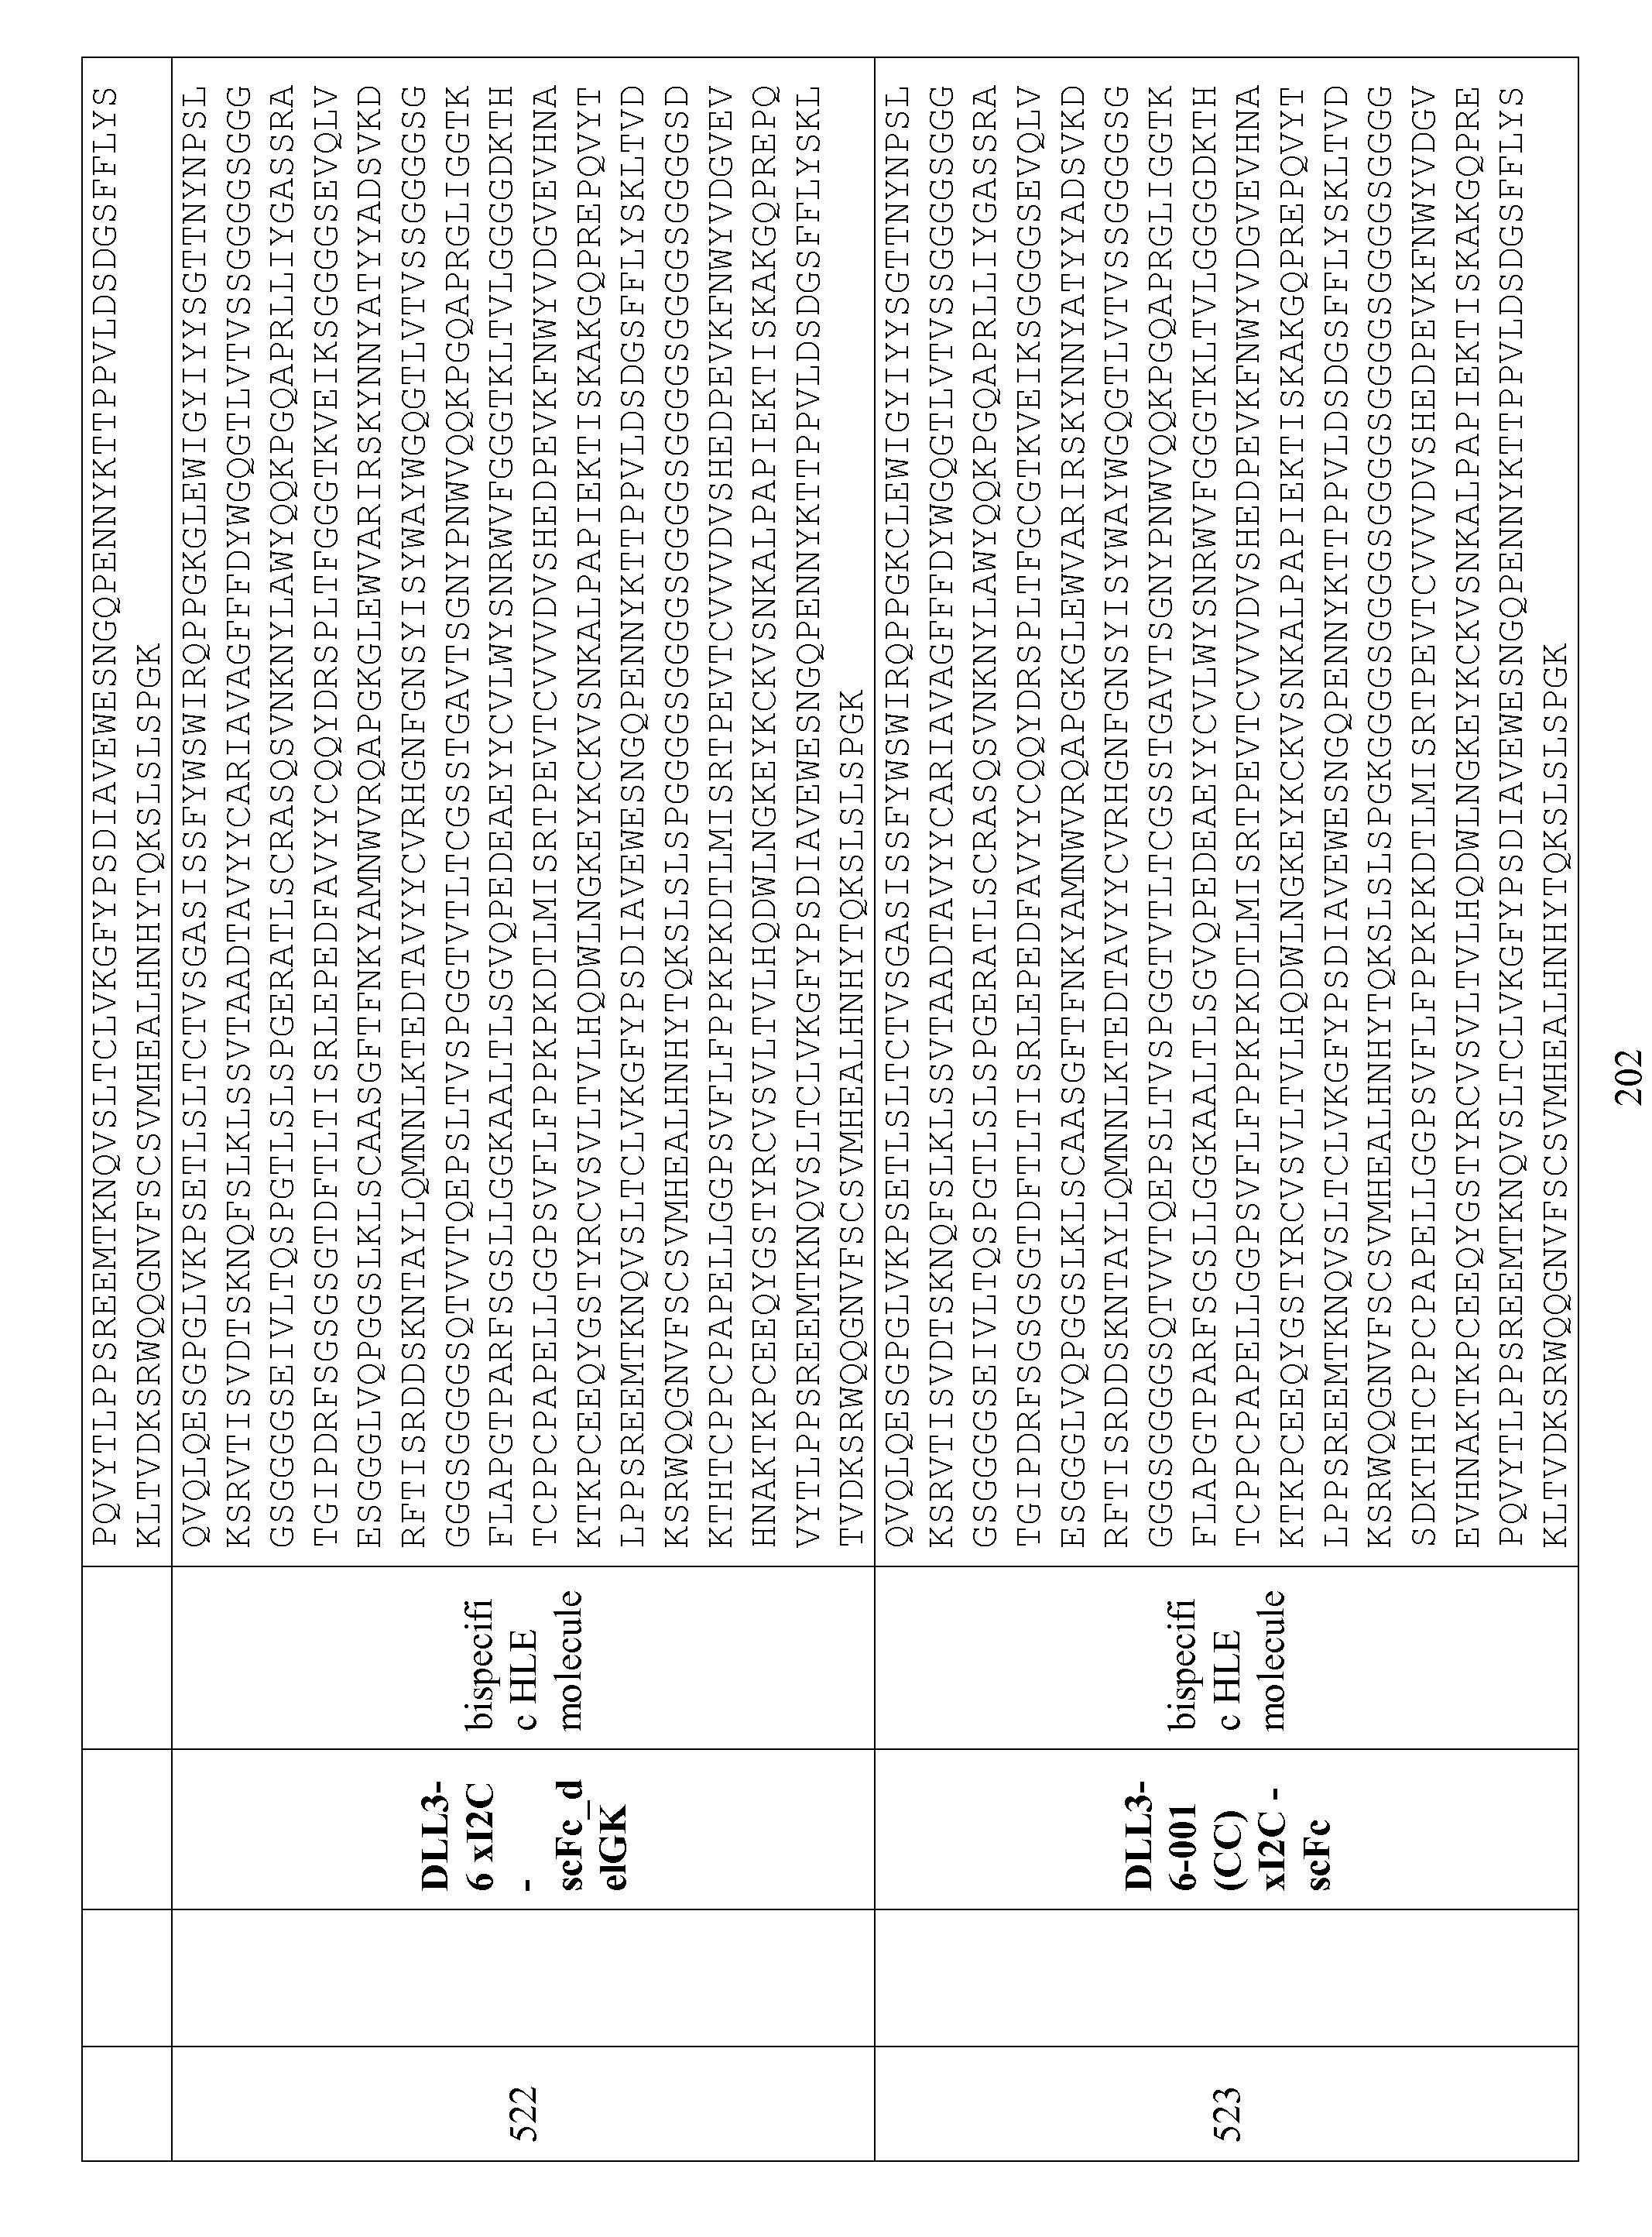 Figure imgf000203_0001